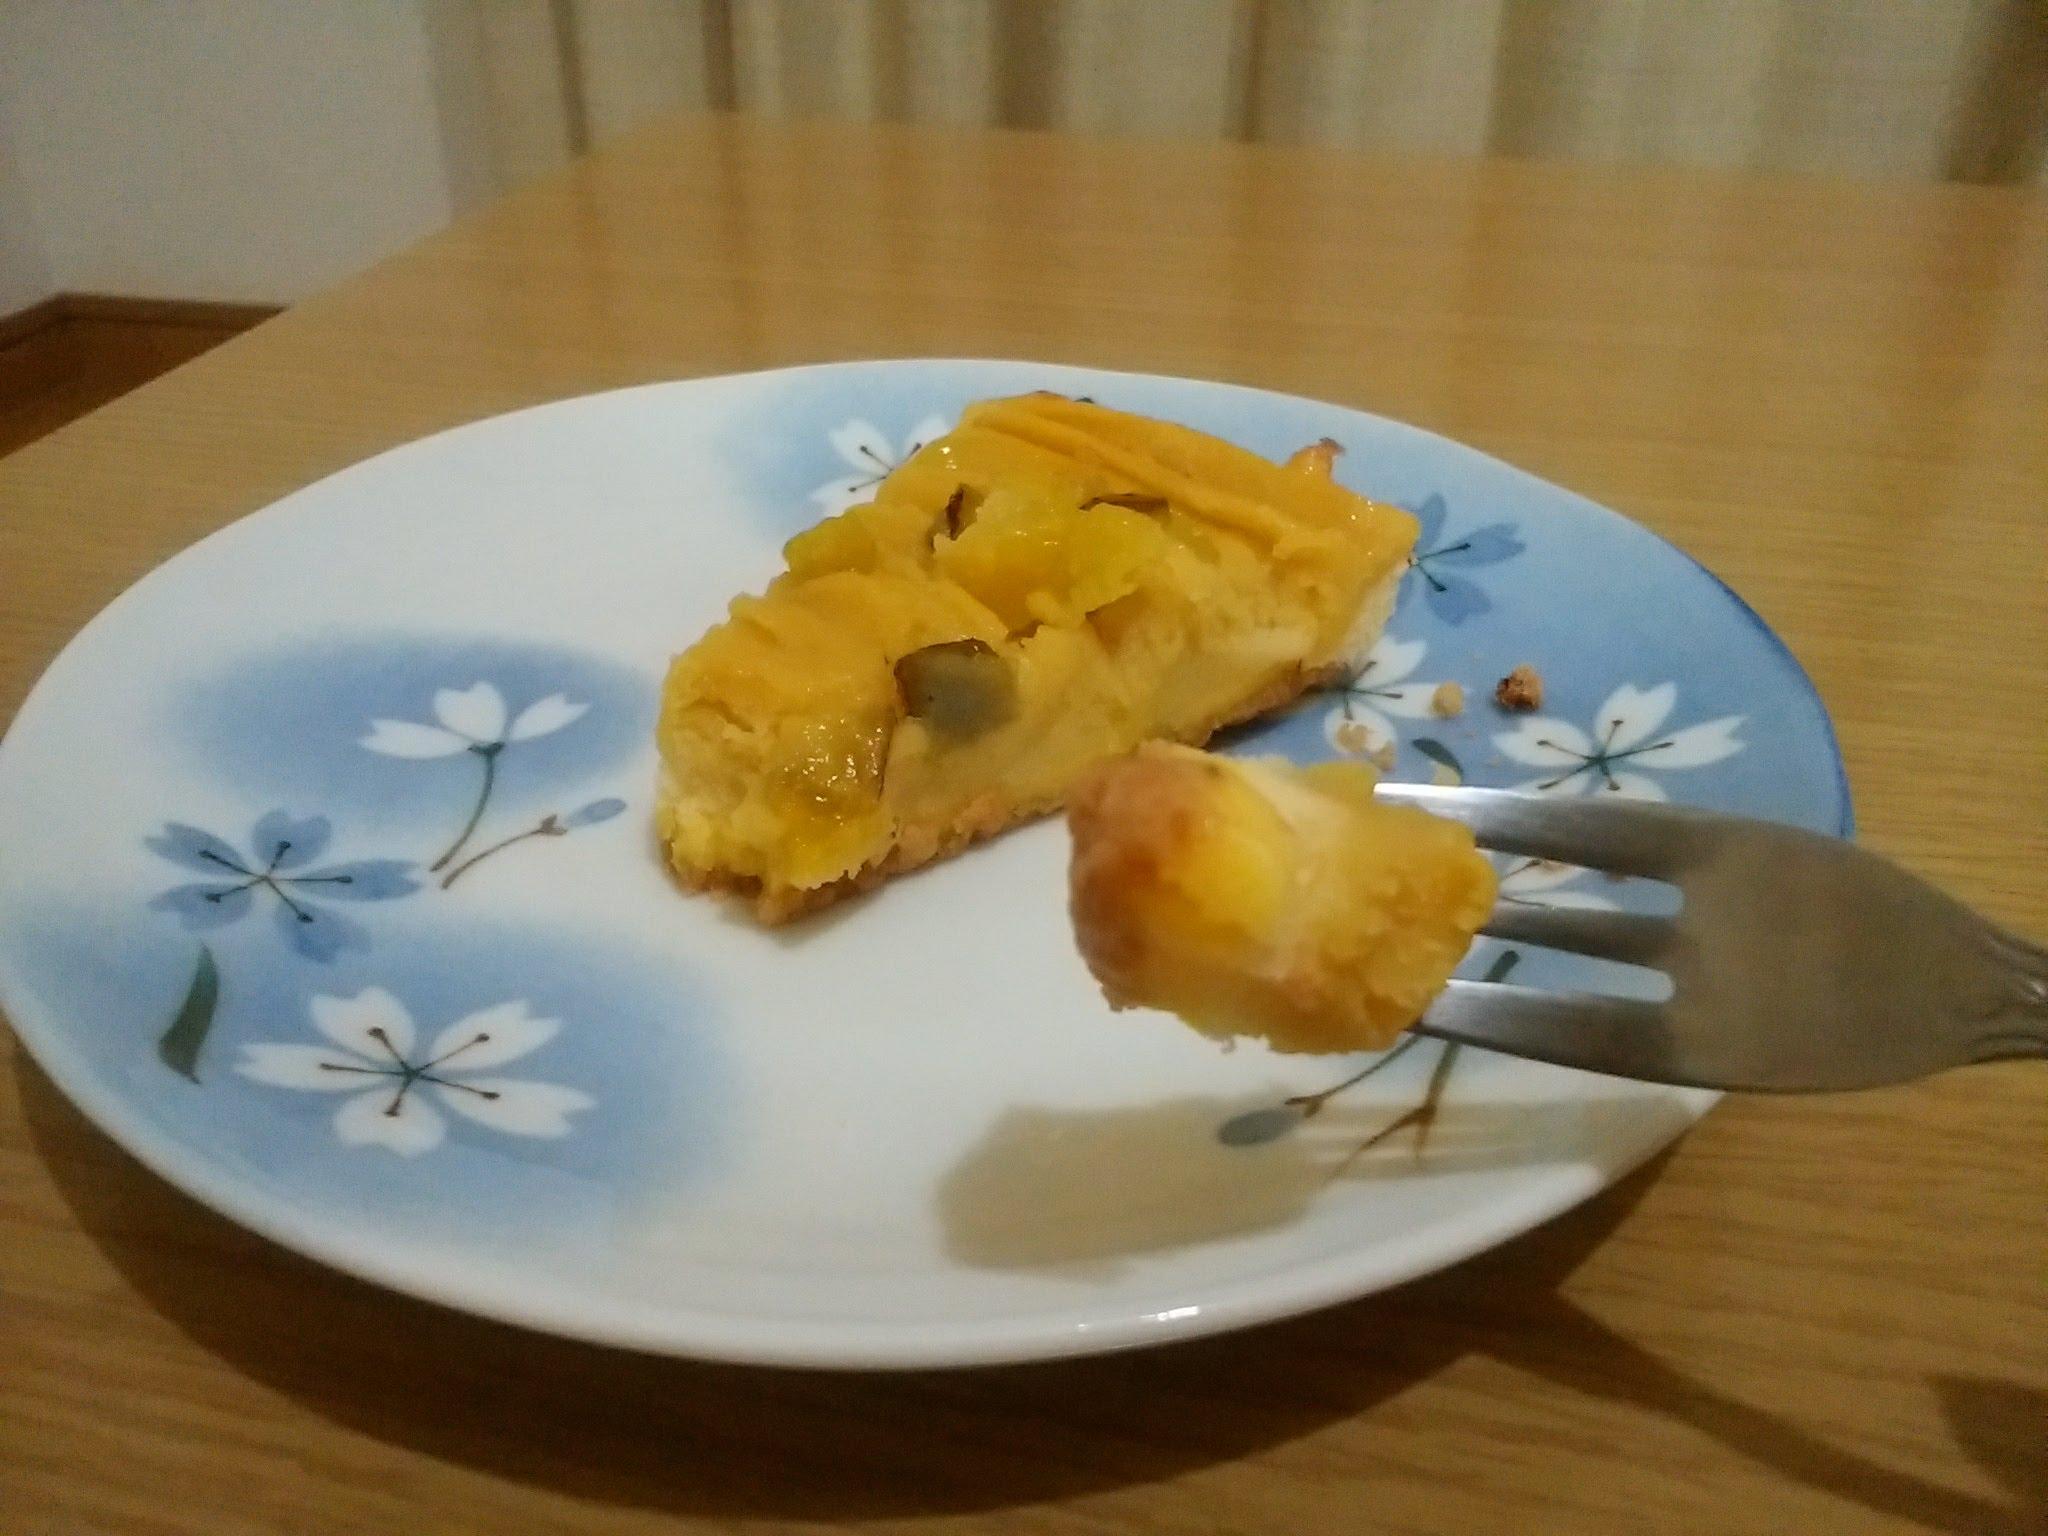 三島甘藷のスイートポテト